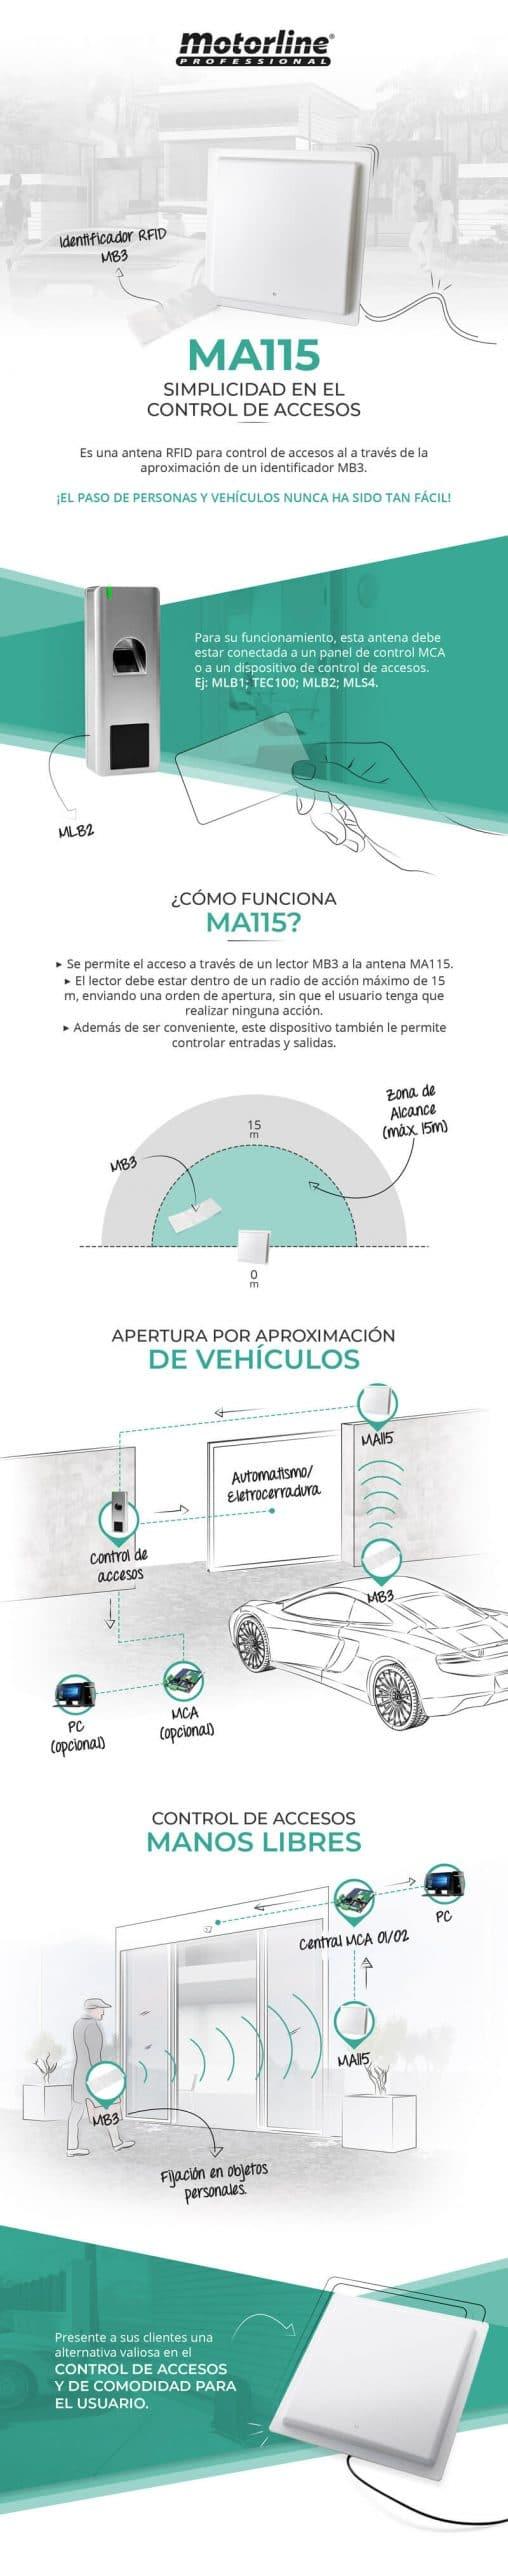 Antena de Largo Alcanze MA115